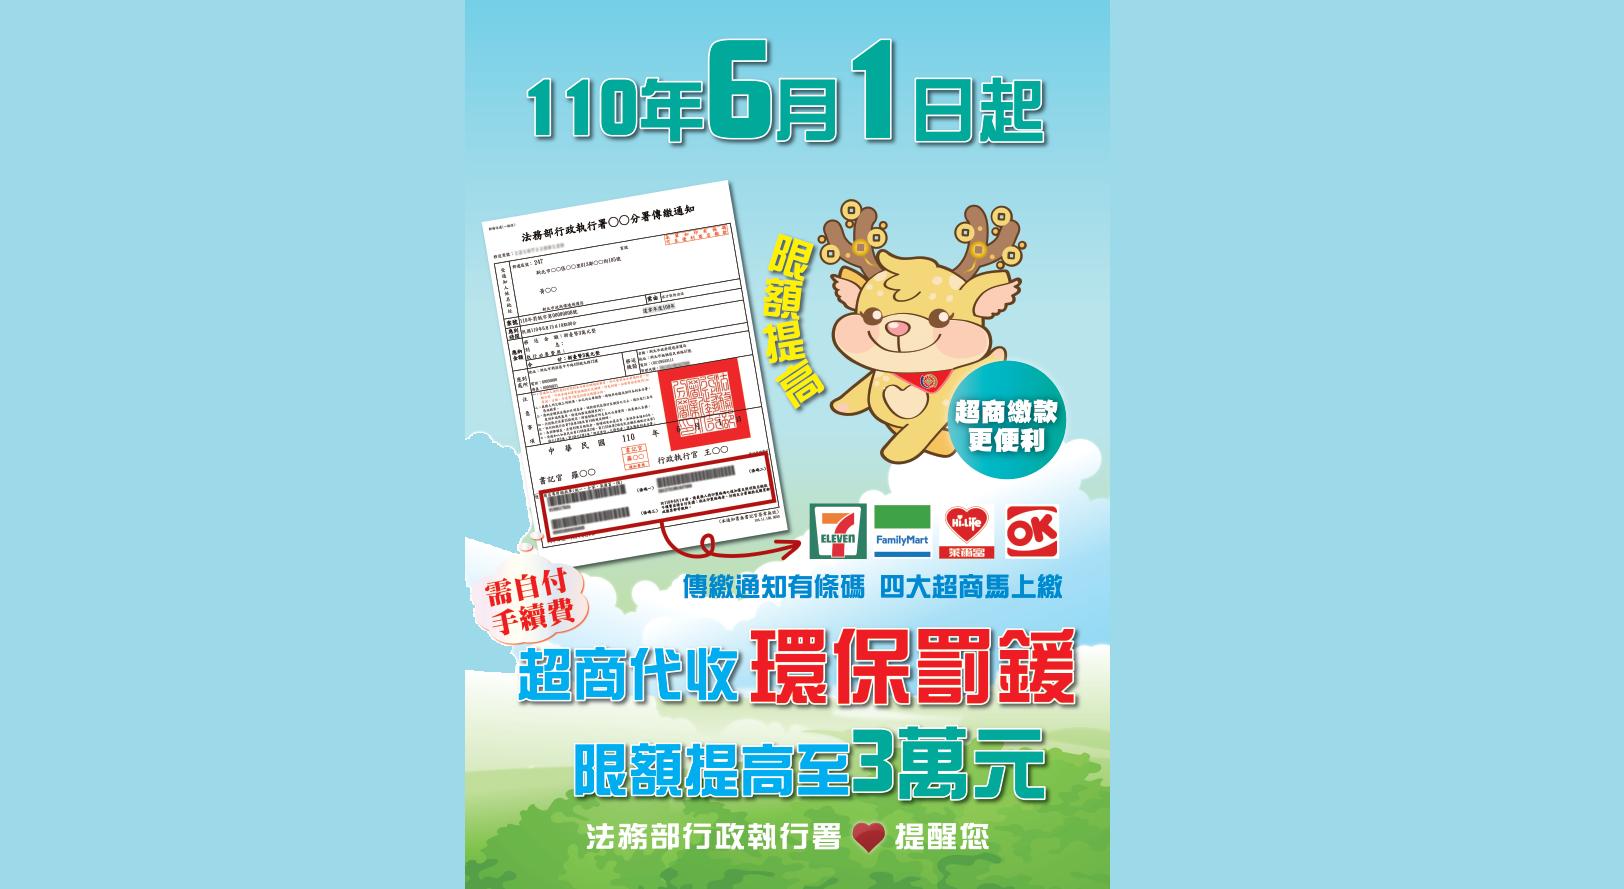 110年6月1日起超商代收環保罰鍰限額提高至3萬元